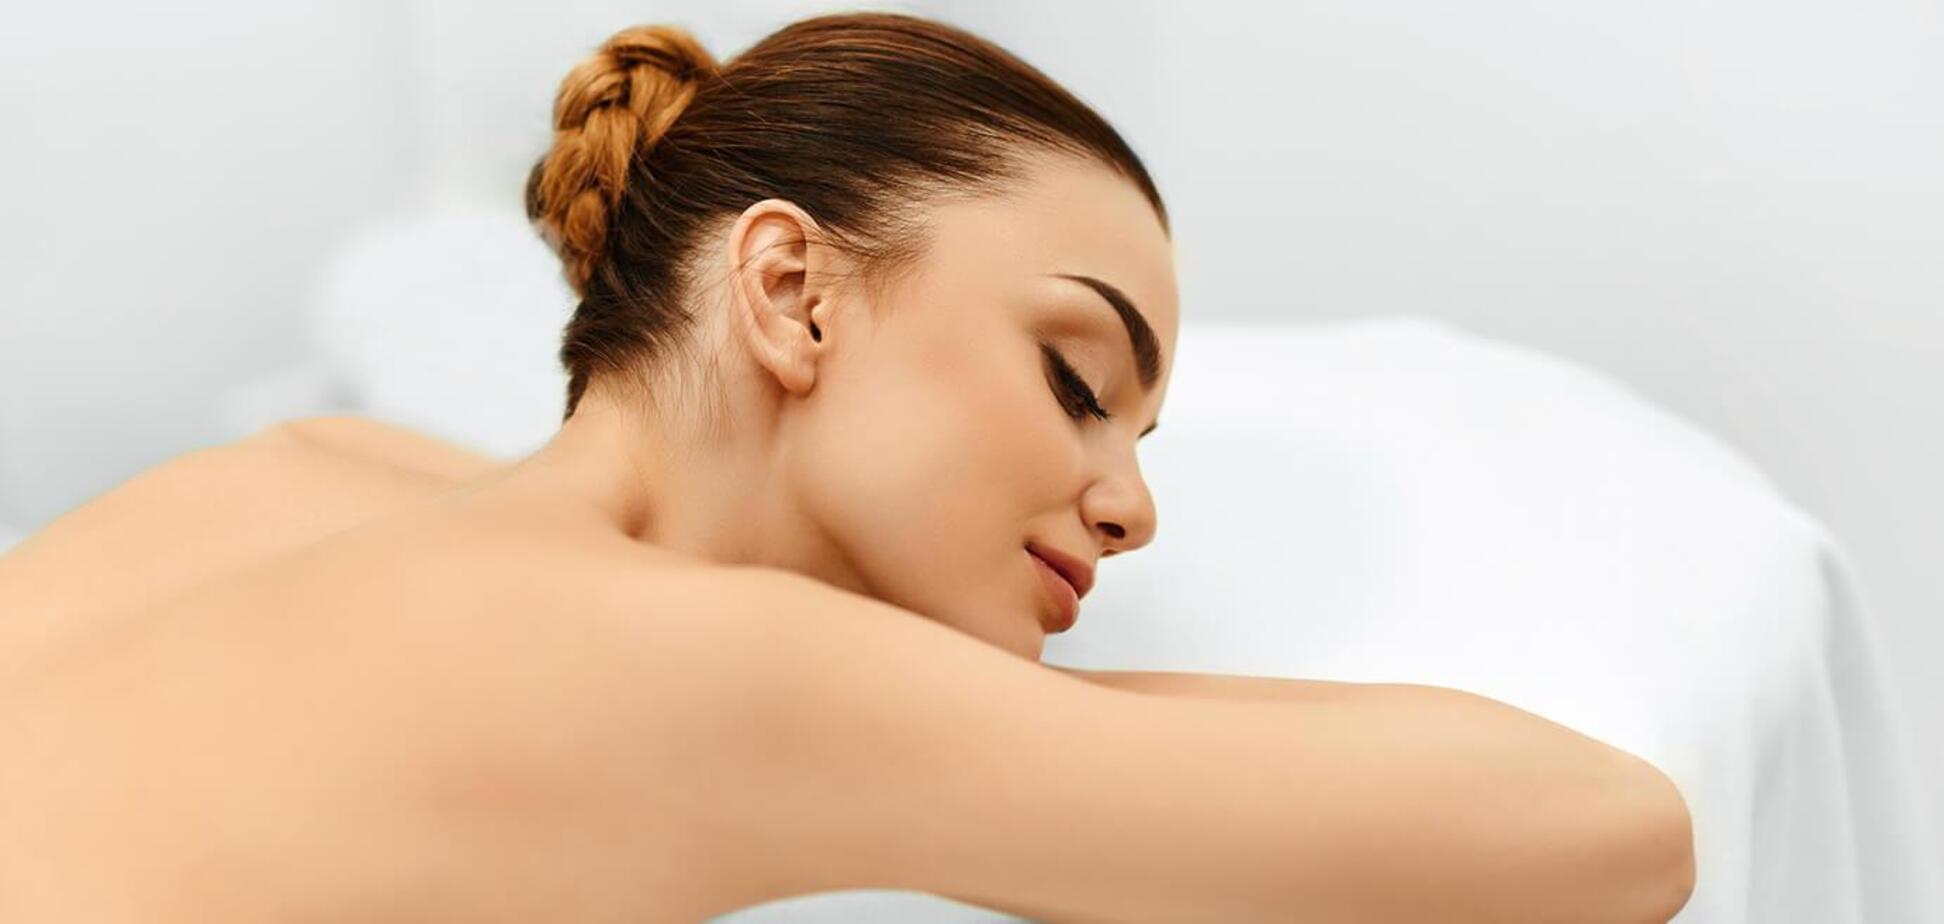 Пять новых процедур в косметологии, которые помогут похудеть